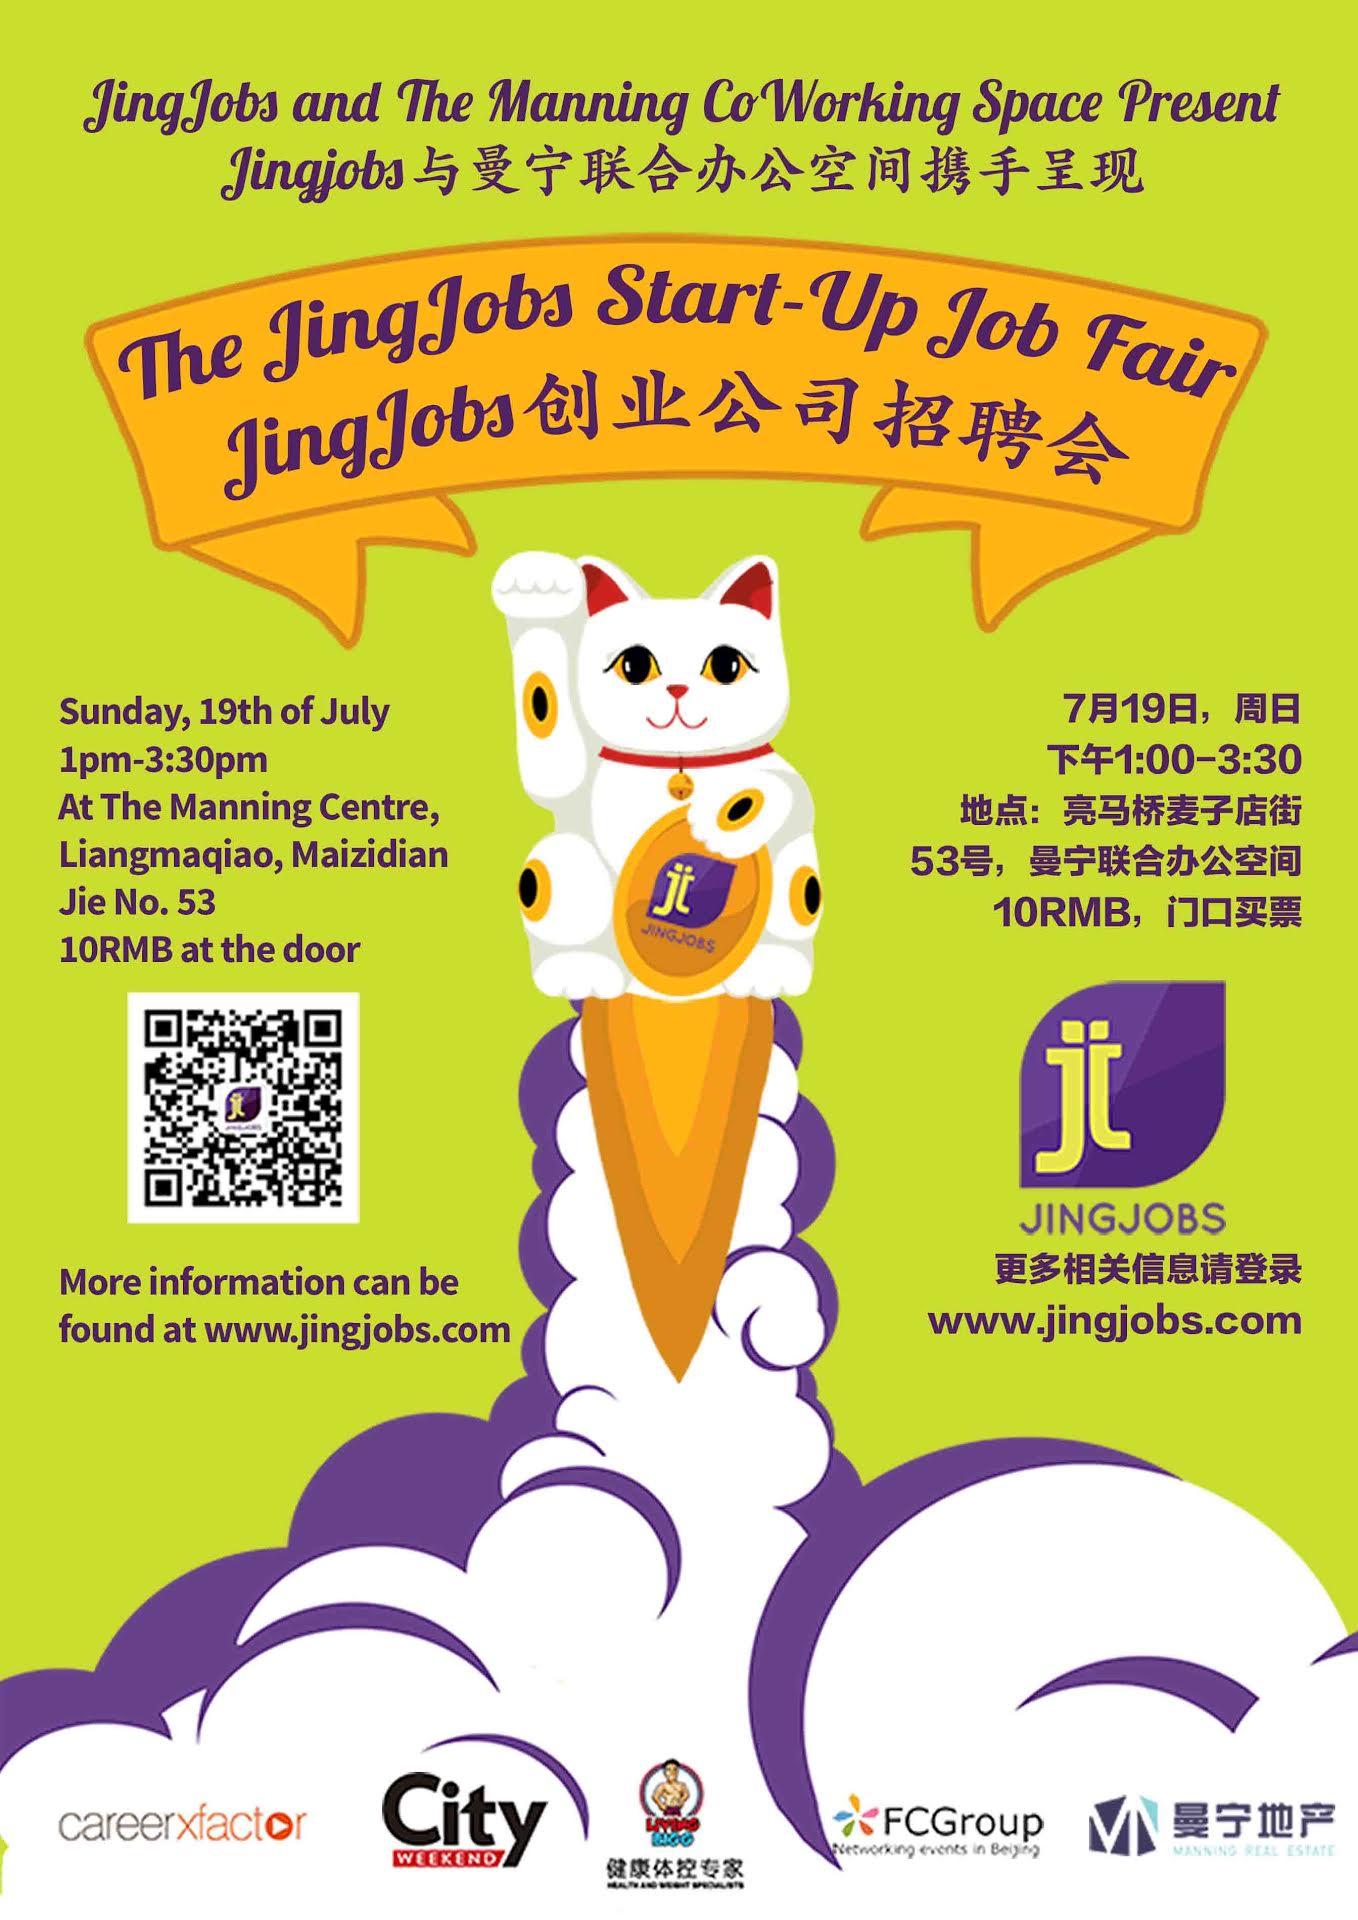 jingjobs fair